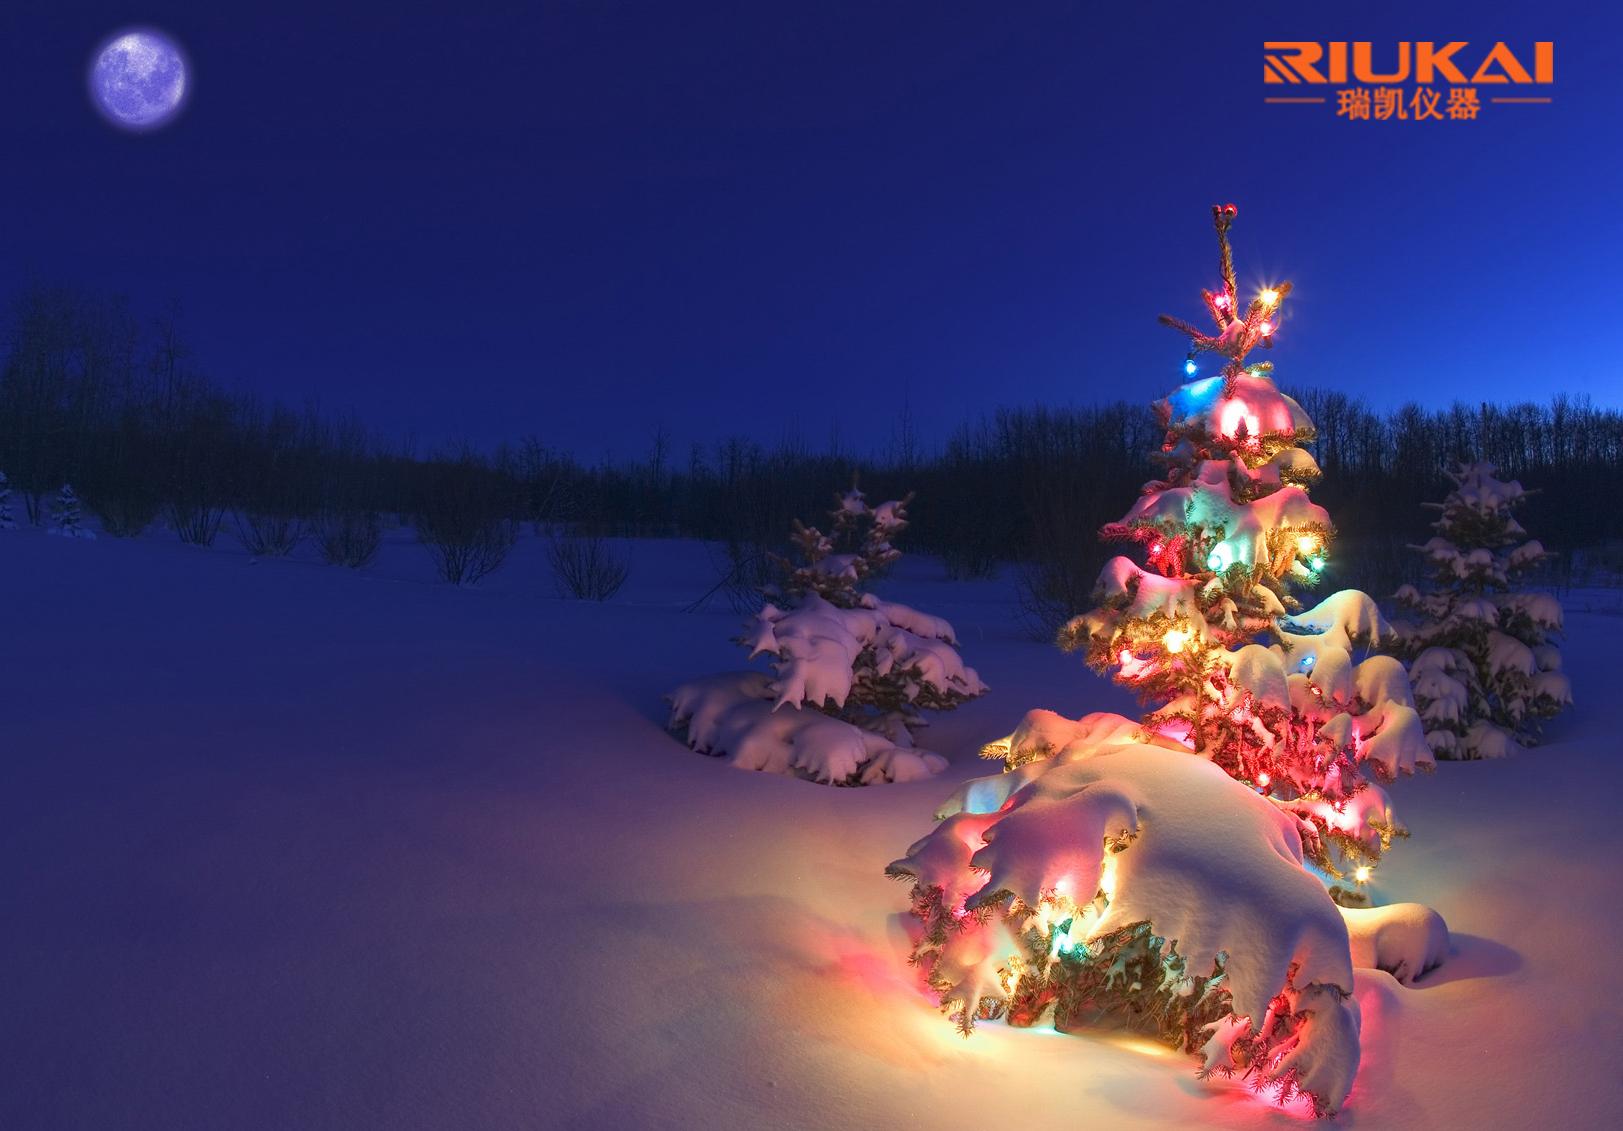 圣诞快乐 瑞凯科技